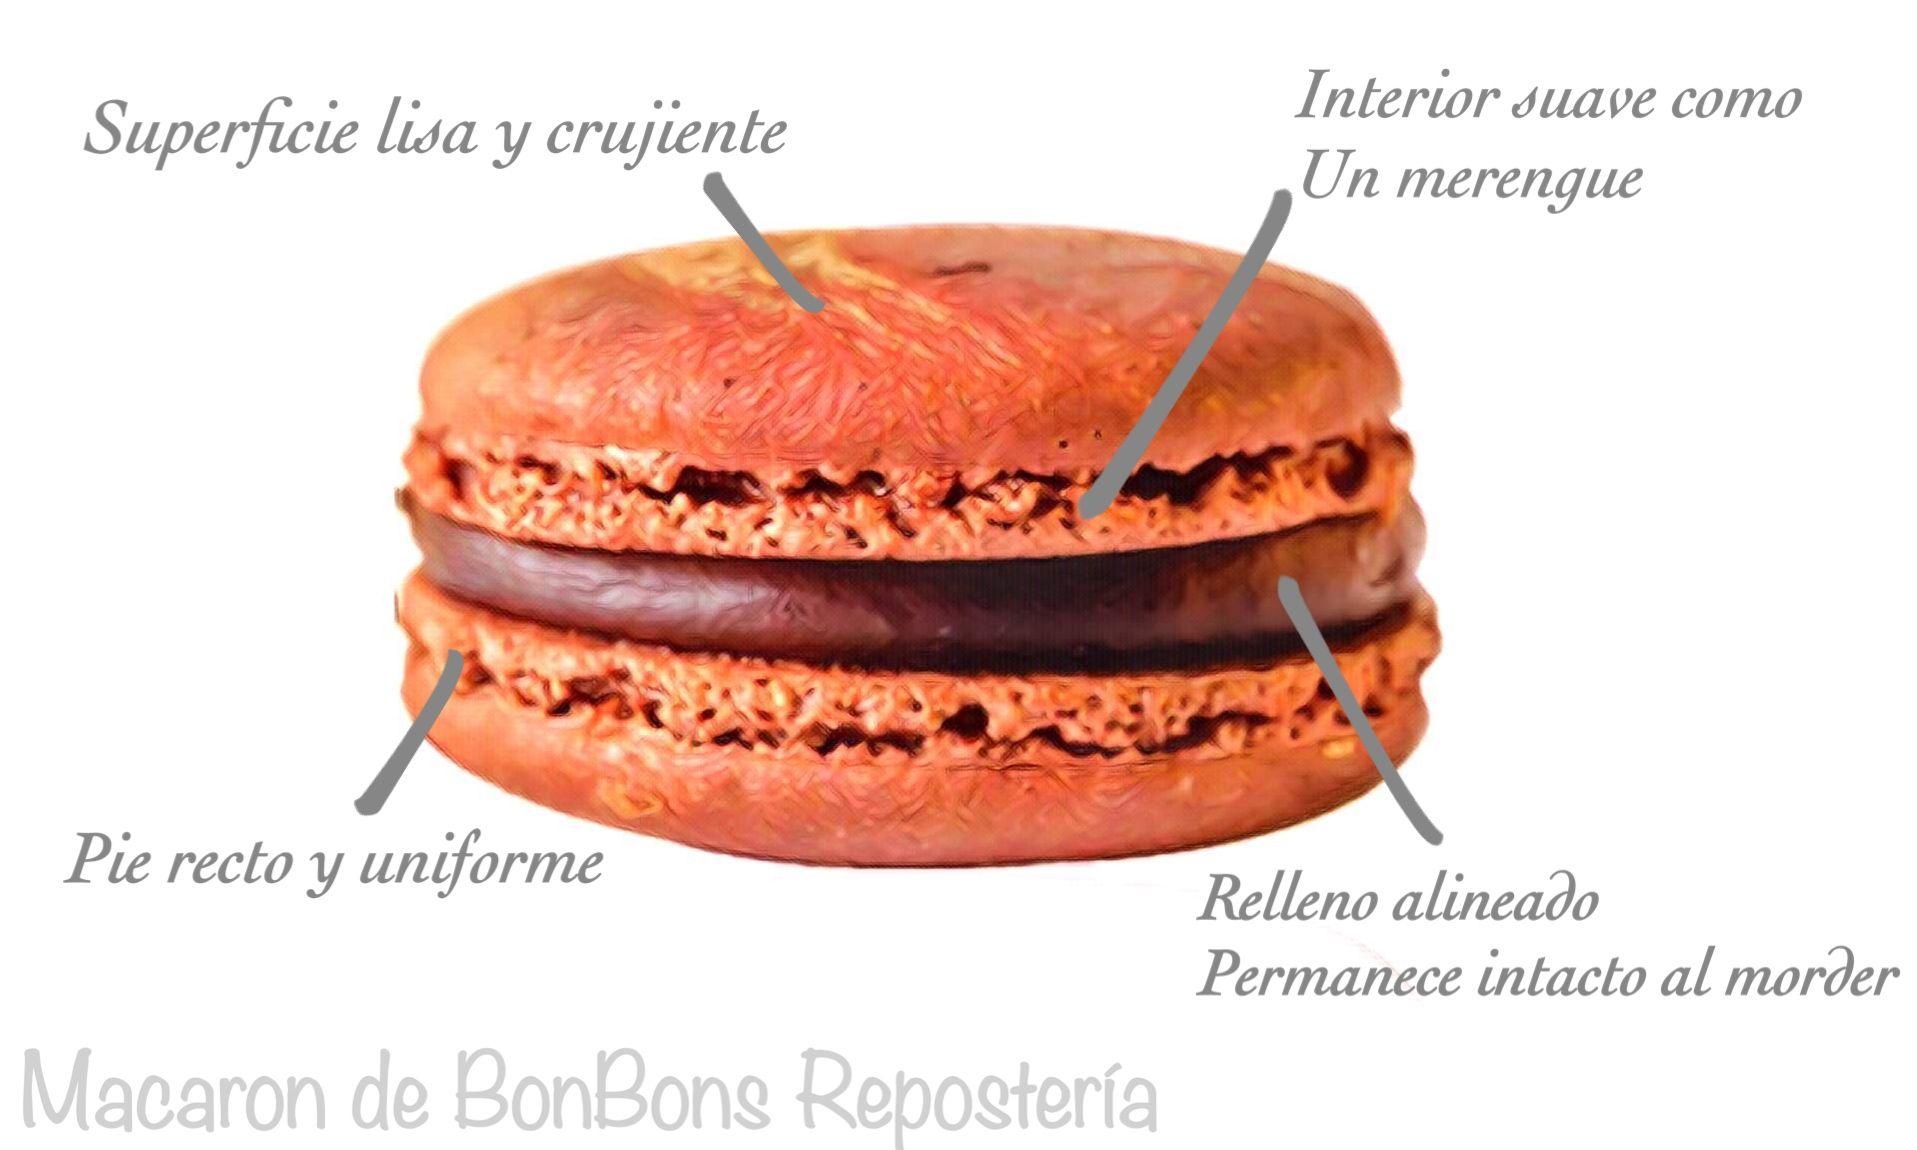 Anatomy of Macaron - Descubre e identifica nuestros espectaculares Macarons!